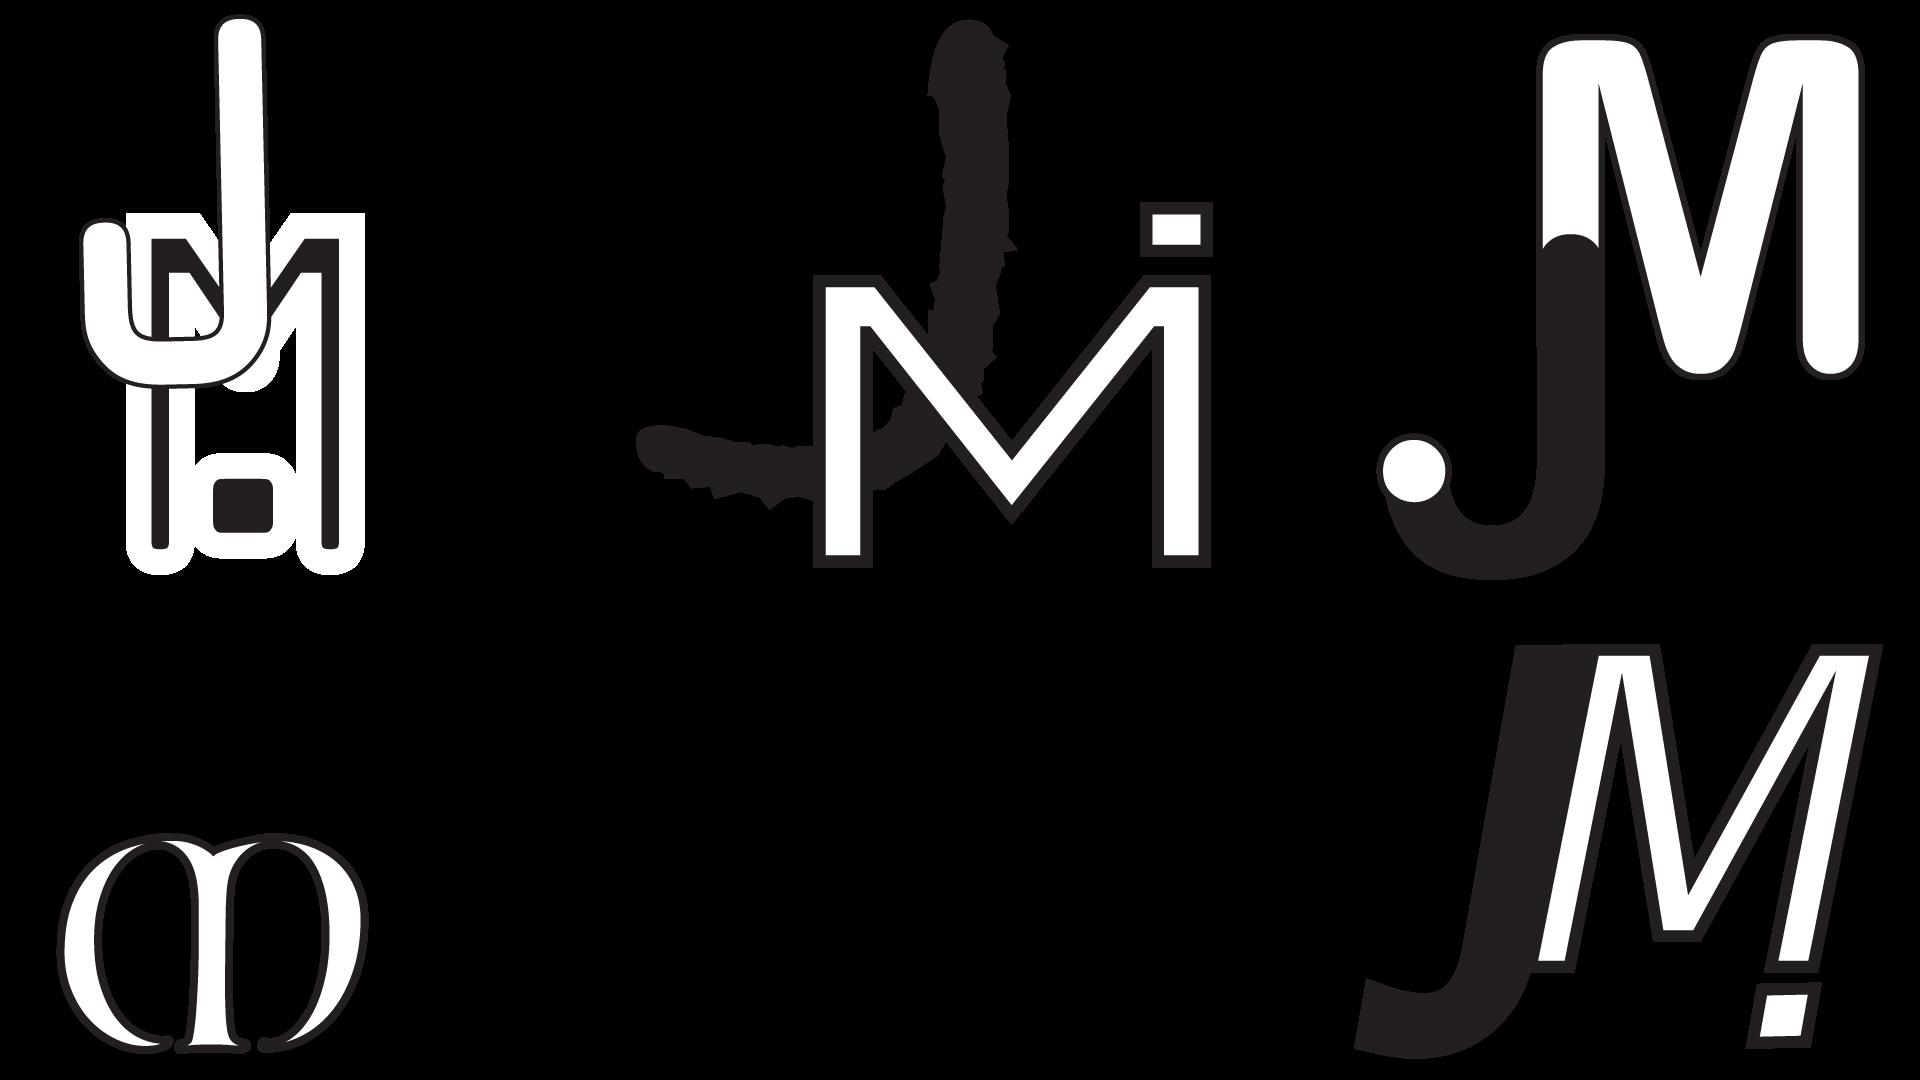 Monogram4MainsAndVariations2.png